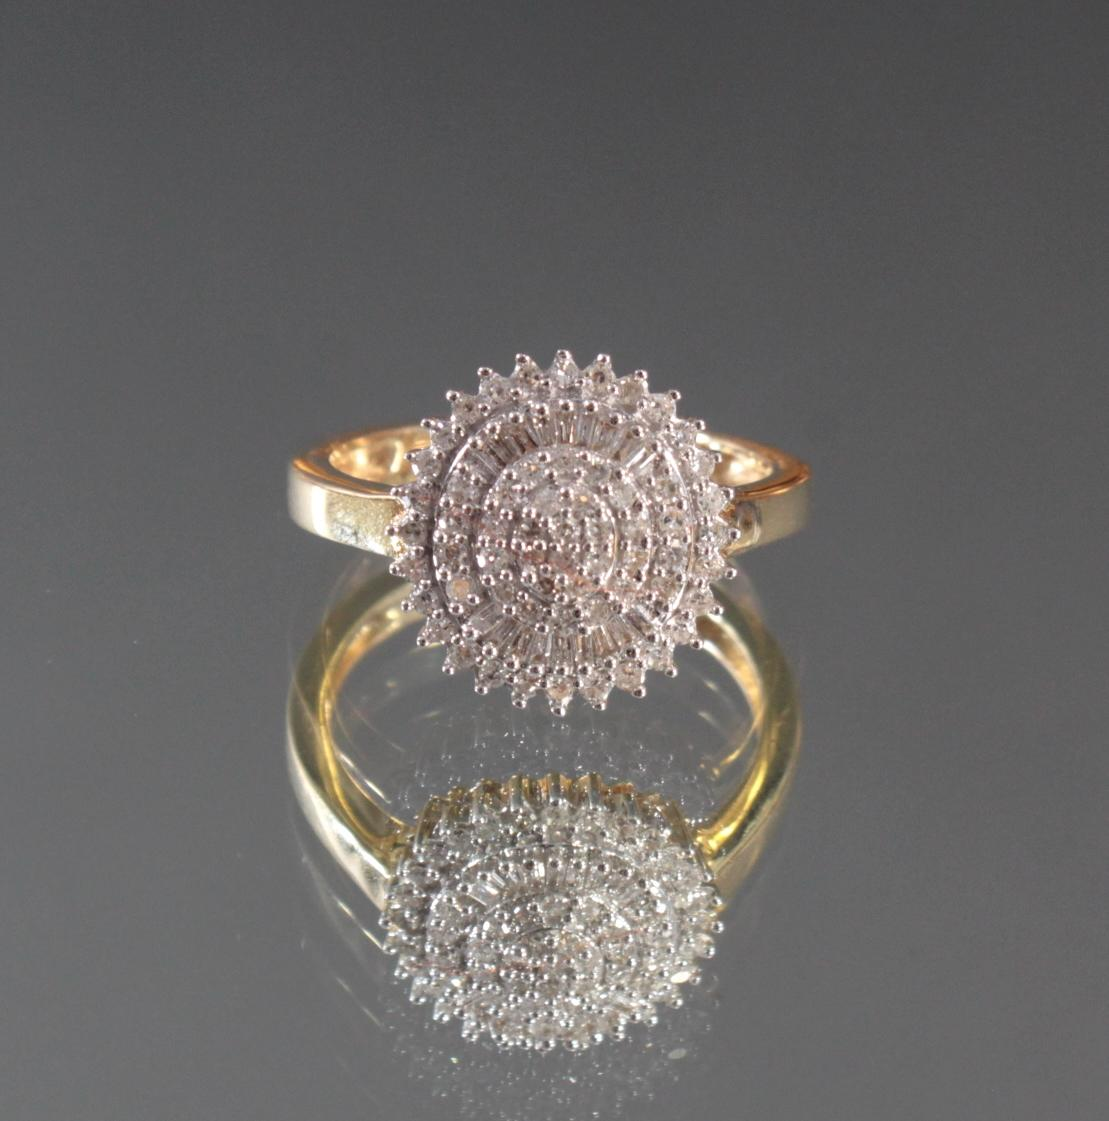 Damenring mit Diamanten aus 14 Karat Weiß- und Gelbgold